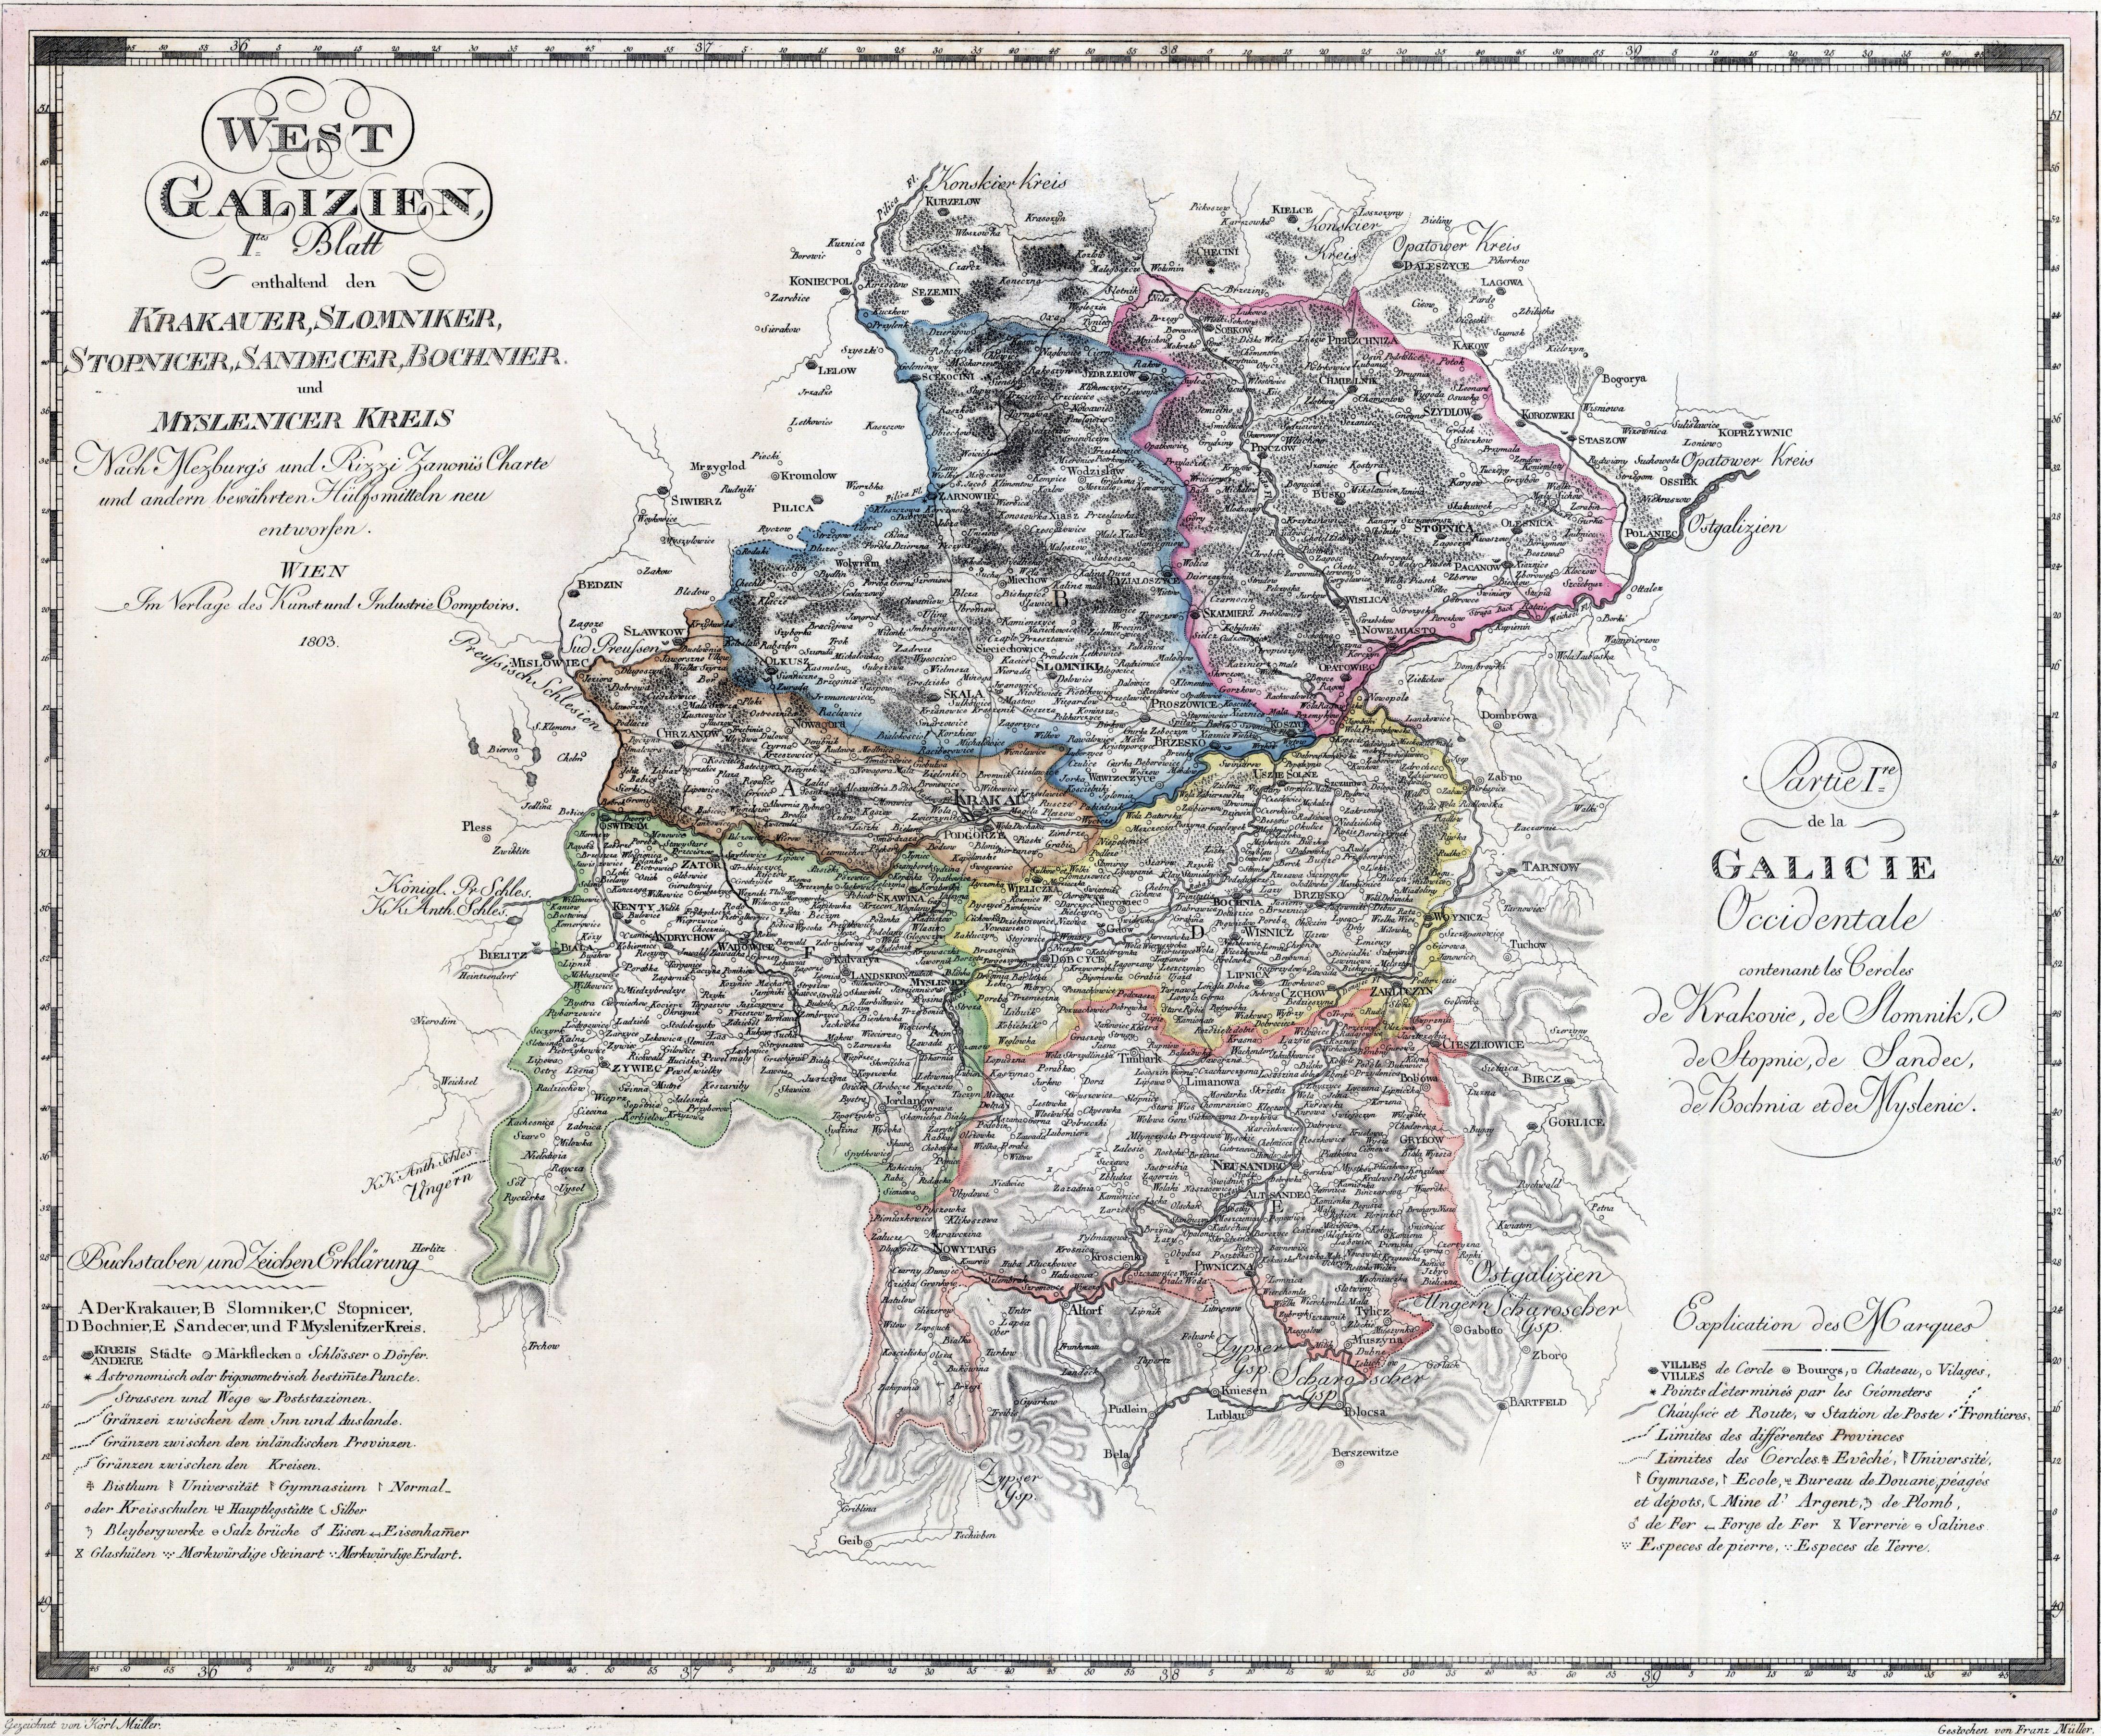 Plik Nowa Galicja Mapa Krakow Slomniki Stopnica Oraz Bochnia